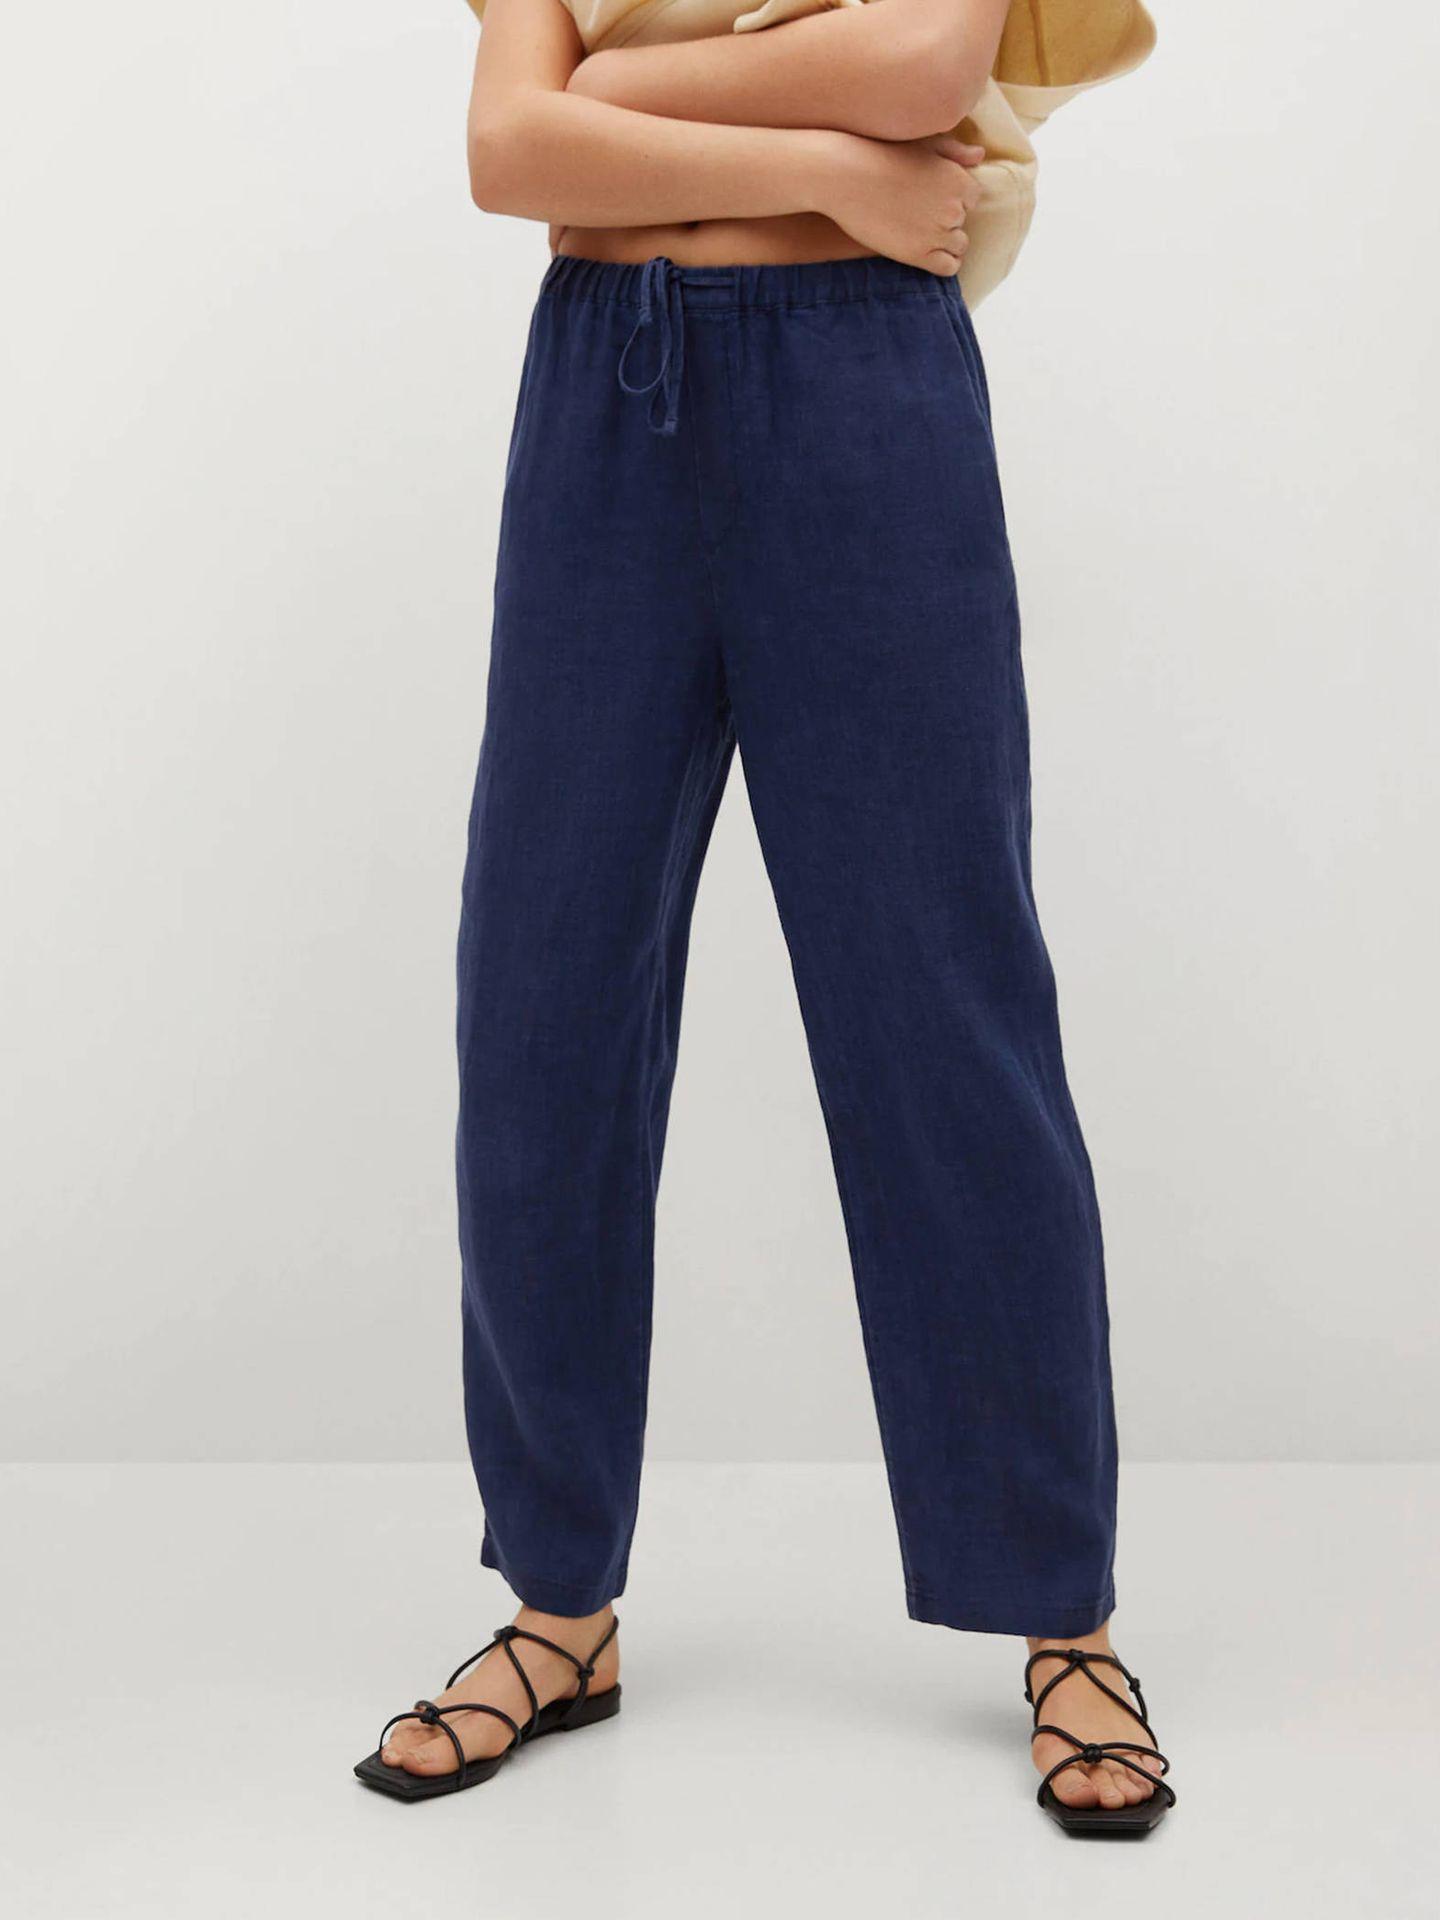 Pantalones de lino de Mango. (Cortesía)